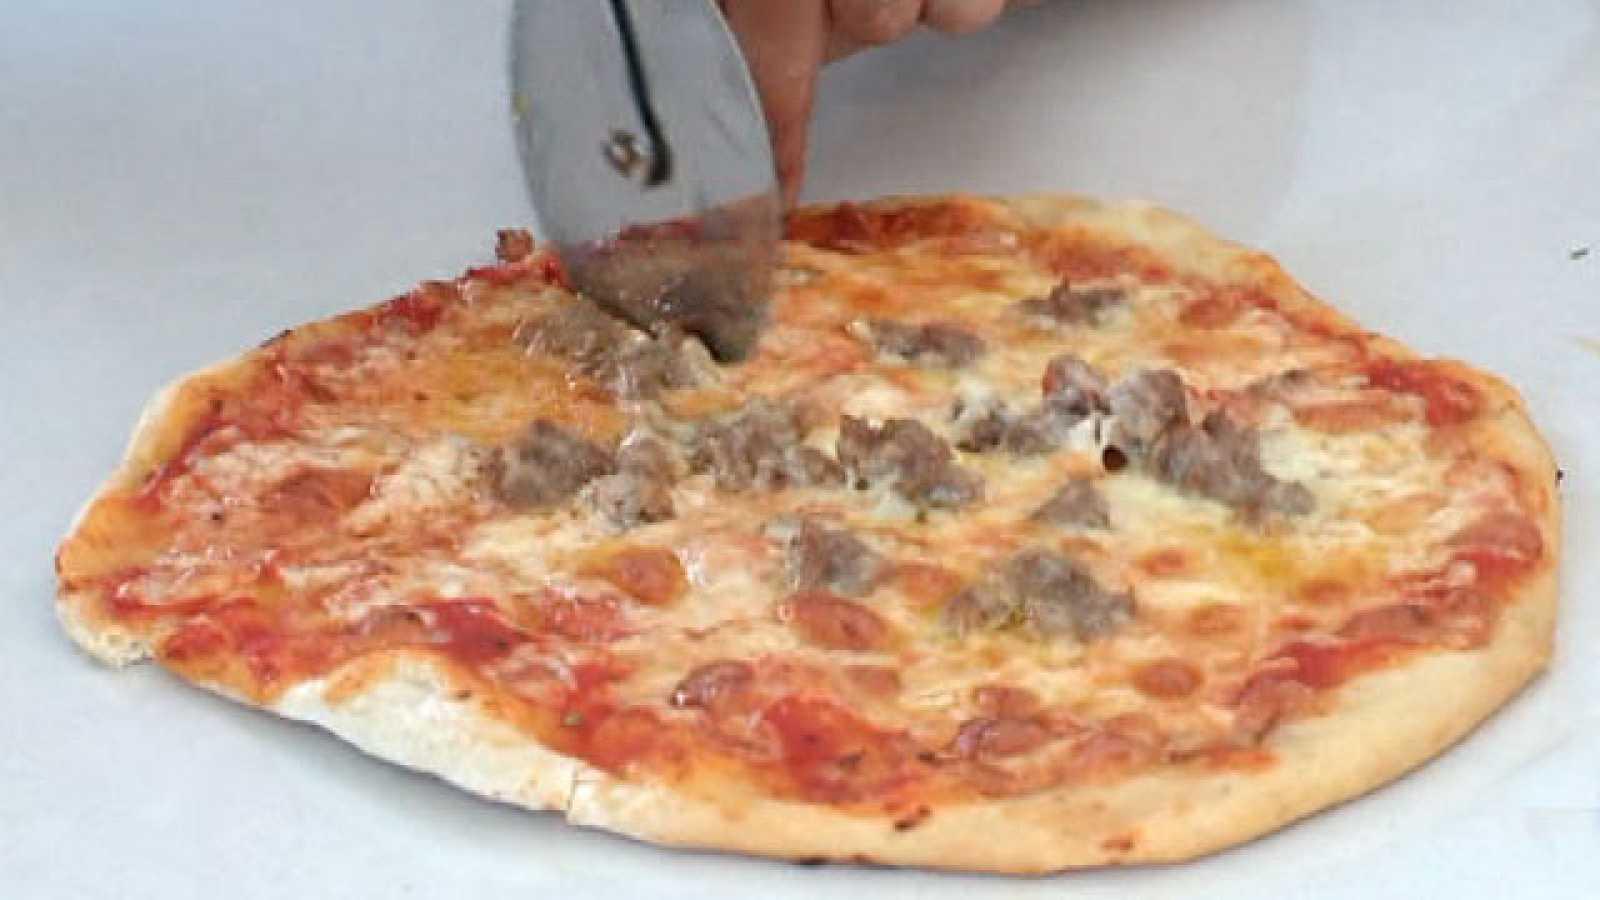 Recetas Internacionales De Destino Espa A Salchicha Siciliana  ~ Solomillo Wellington Masterchef Receta